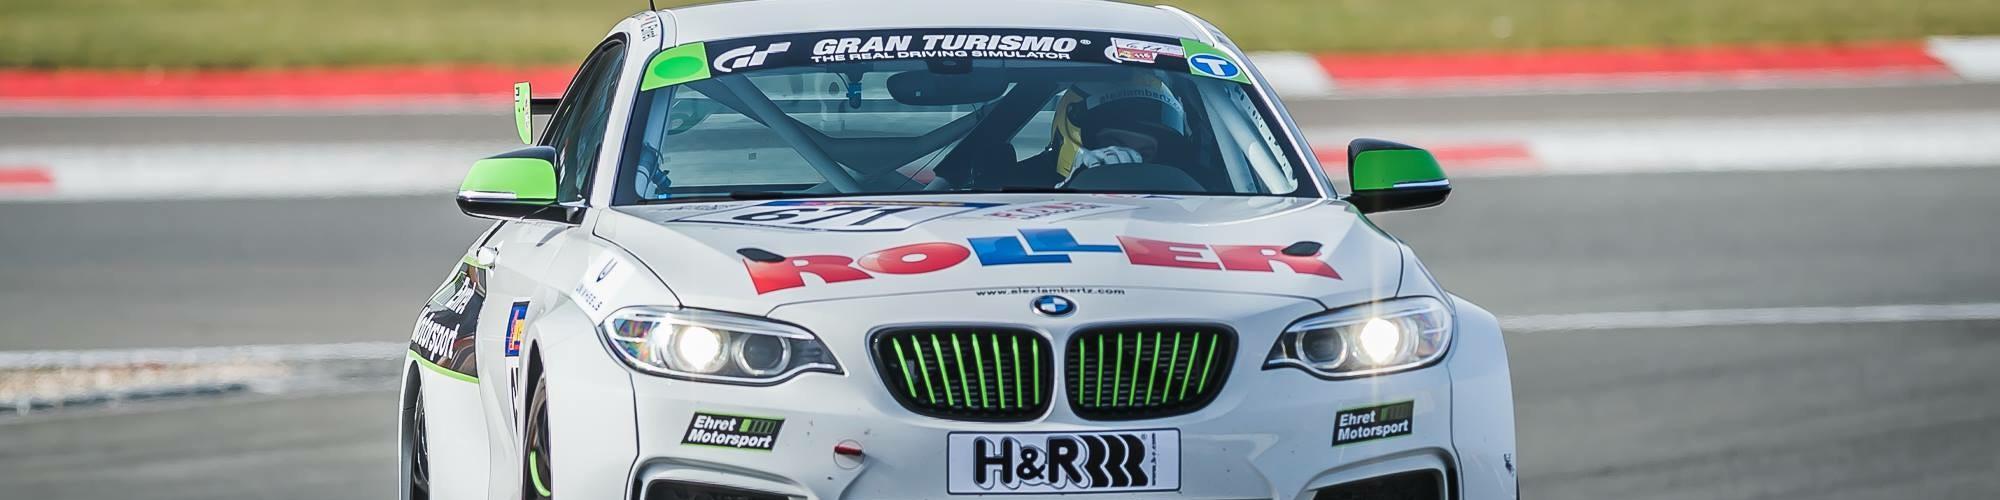 Alex Lambertz, BMW 235i, VLN, Nürburgring